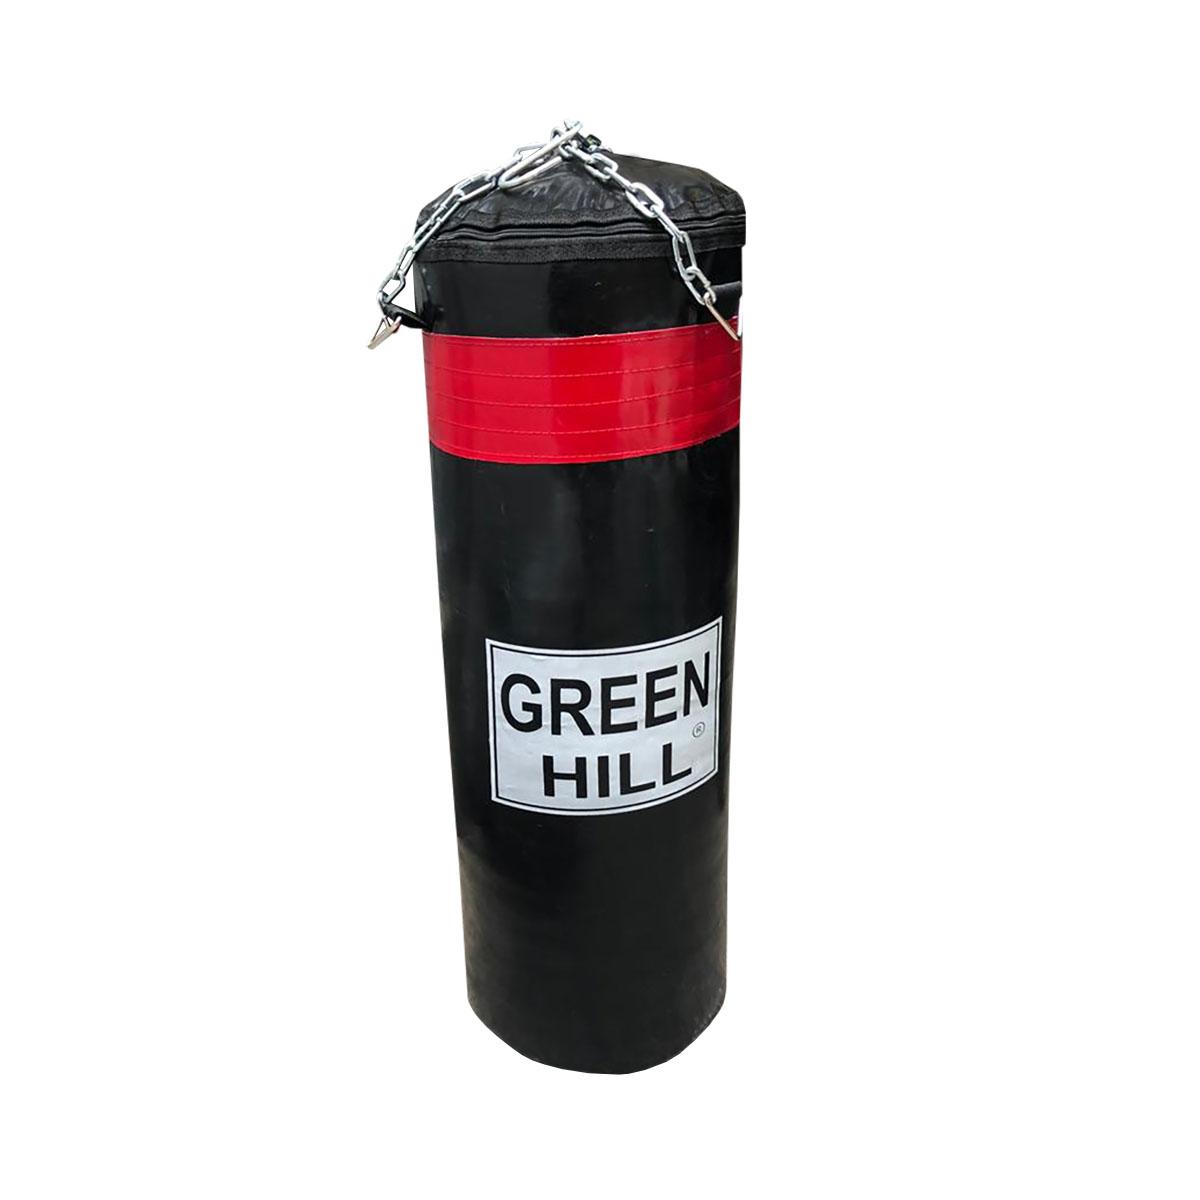 کیسه بوکس گرین هیل مدل AS110